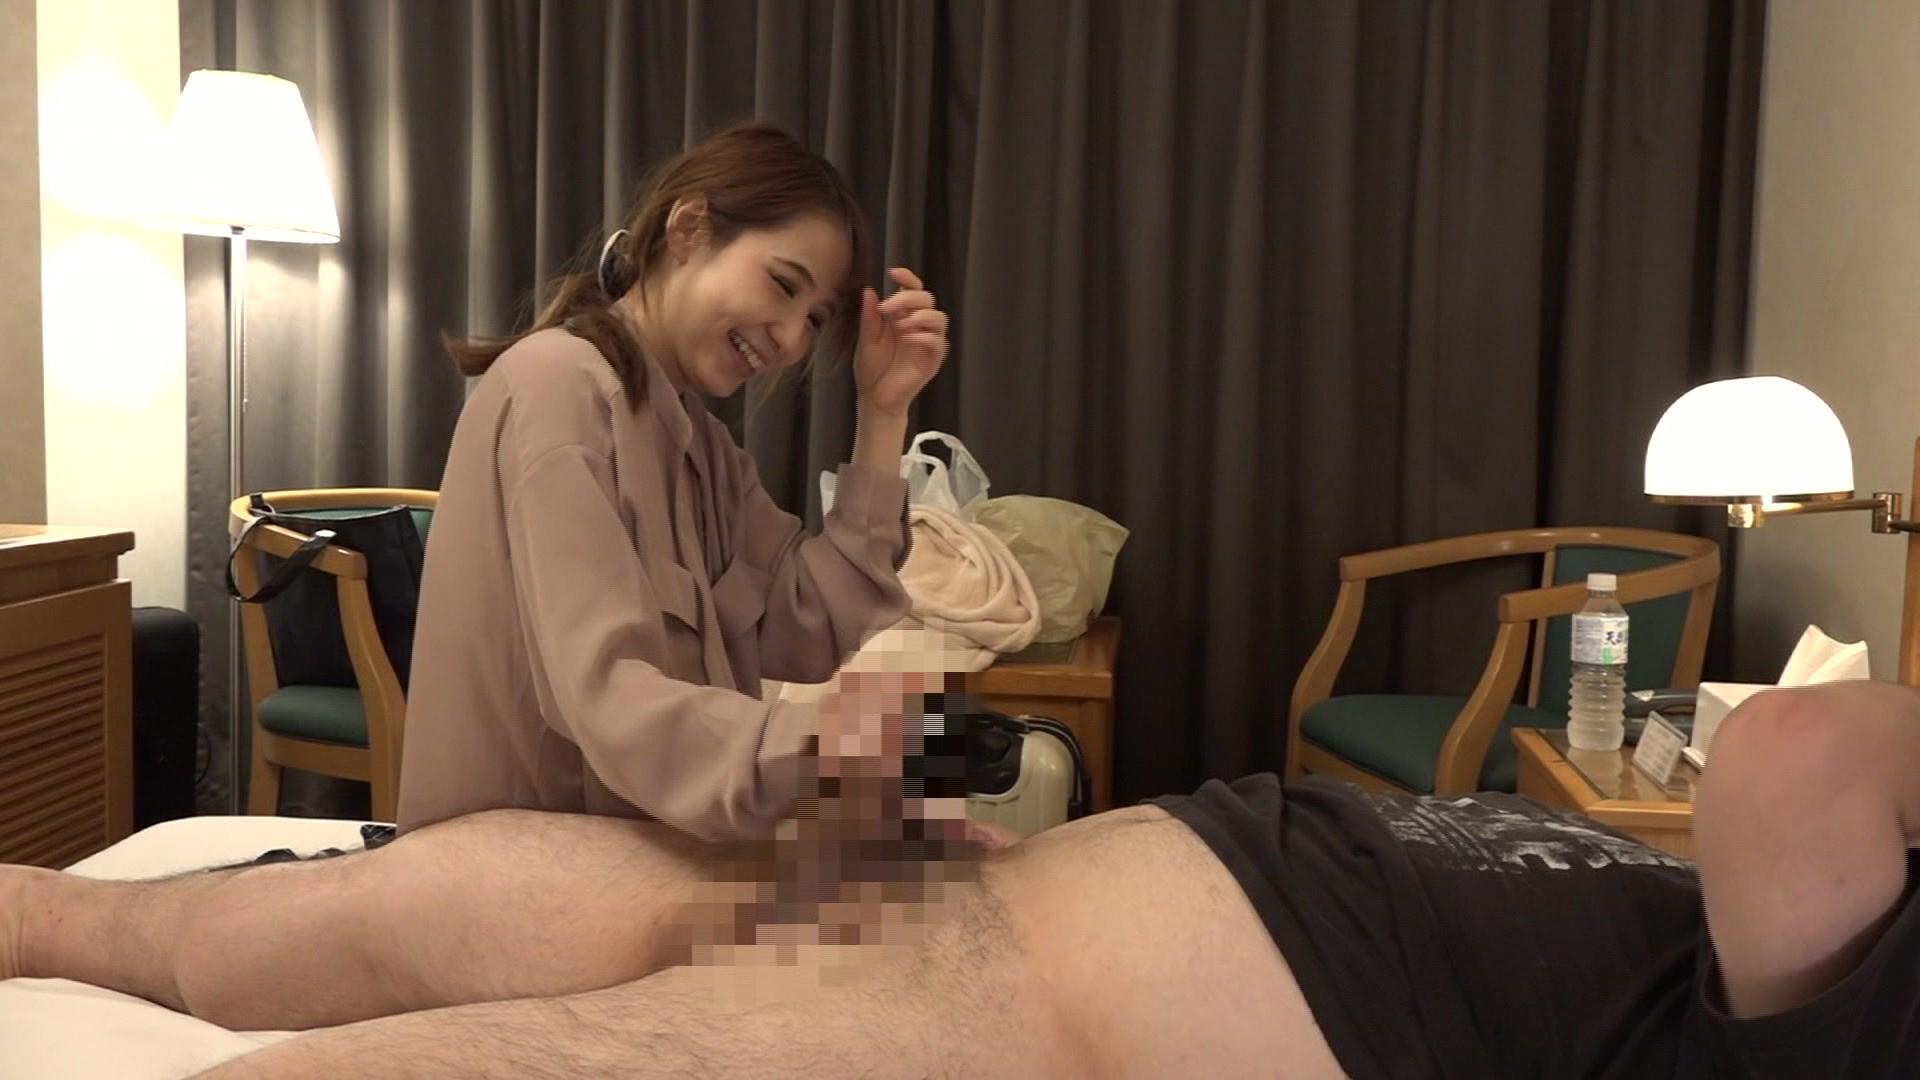 童顔人妻!福井のビジネスホテルで出会った美人マッサージ師・城石さんのおま●こが忘れられないので再び泊まって呼んでみたら中●しできちゃった 画像4